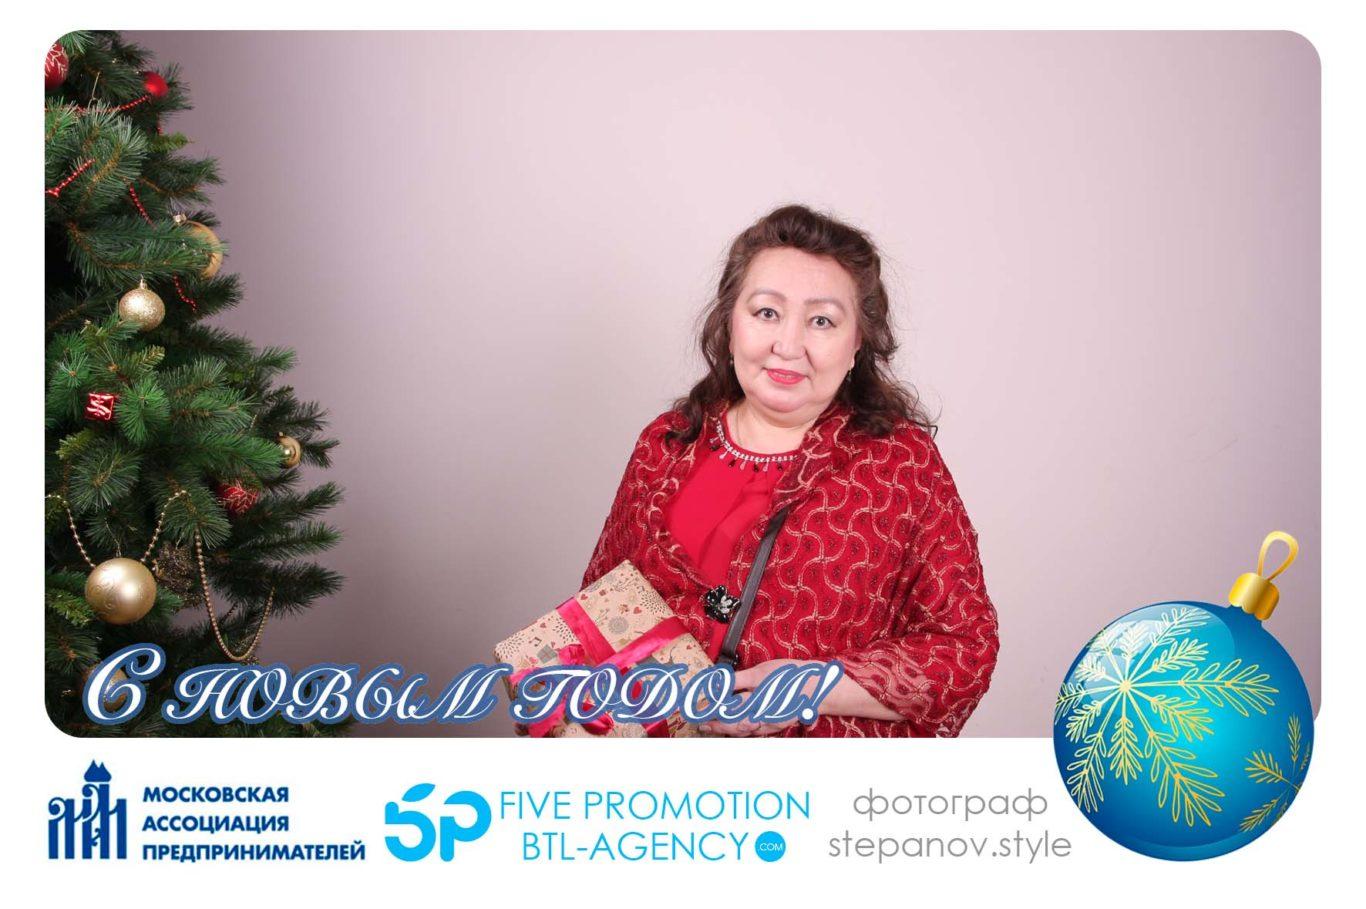 , Фотографии с МАП. 30 летний юбилей!